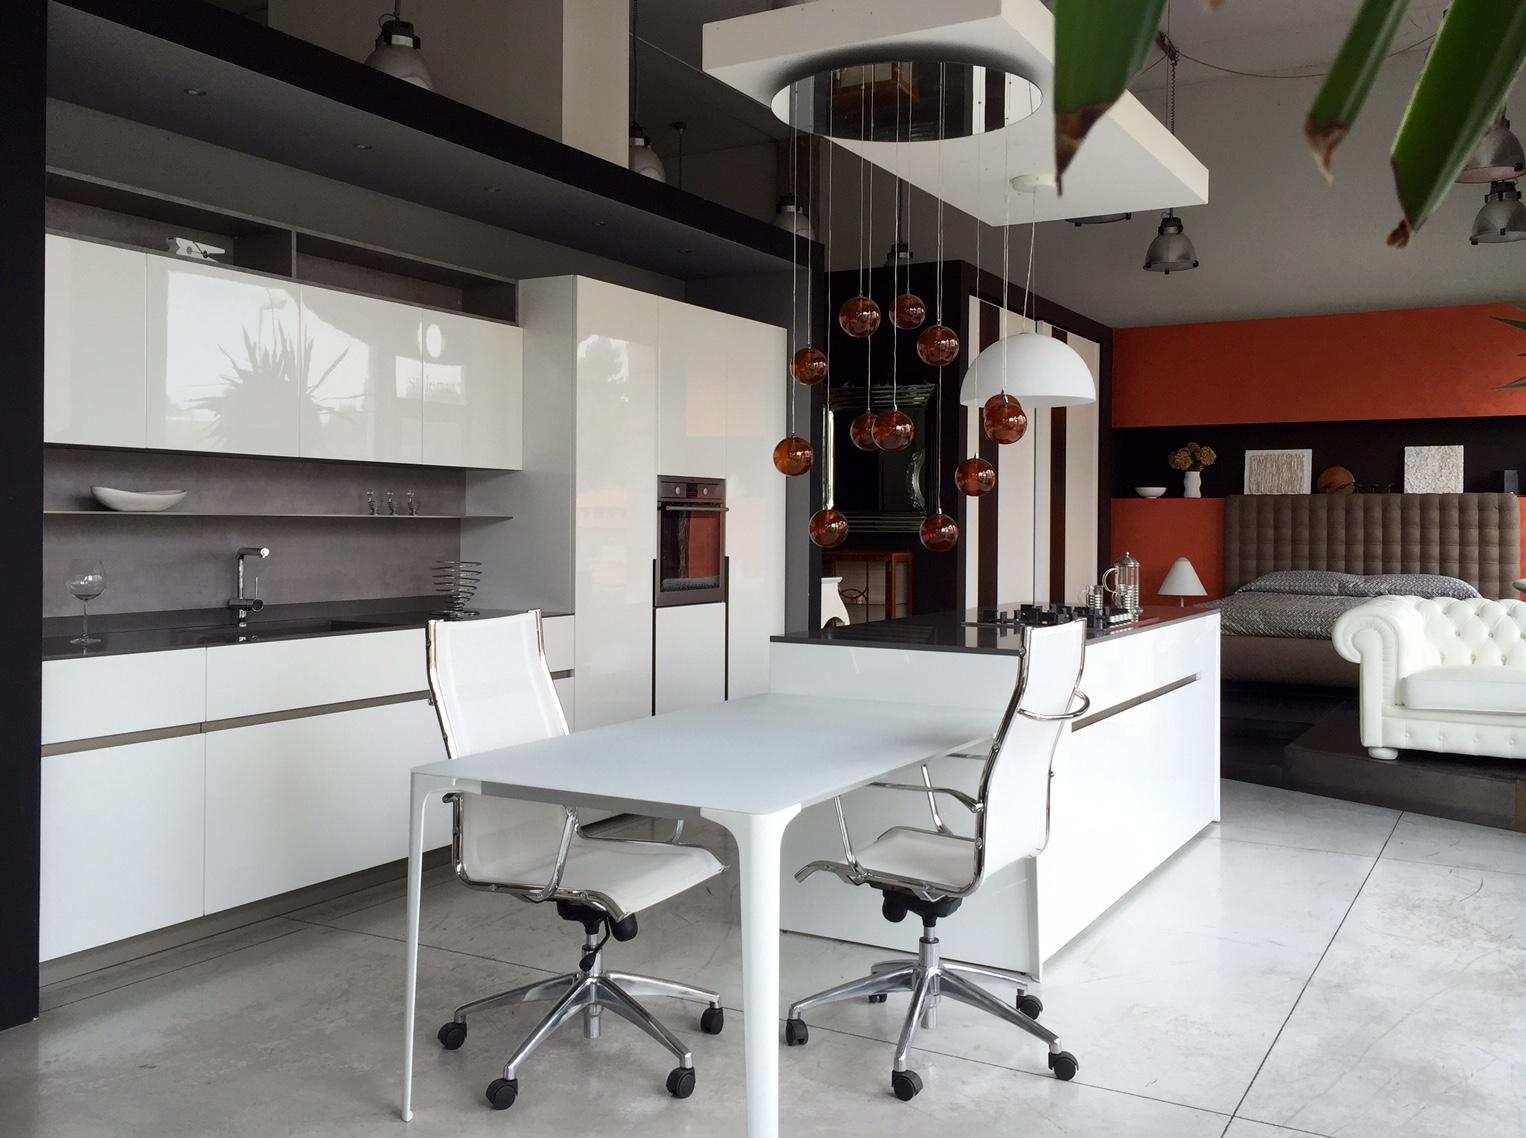 Stunning piani cucina cemento contemporary for Piani cucina laminato